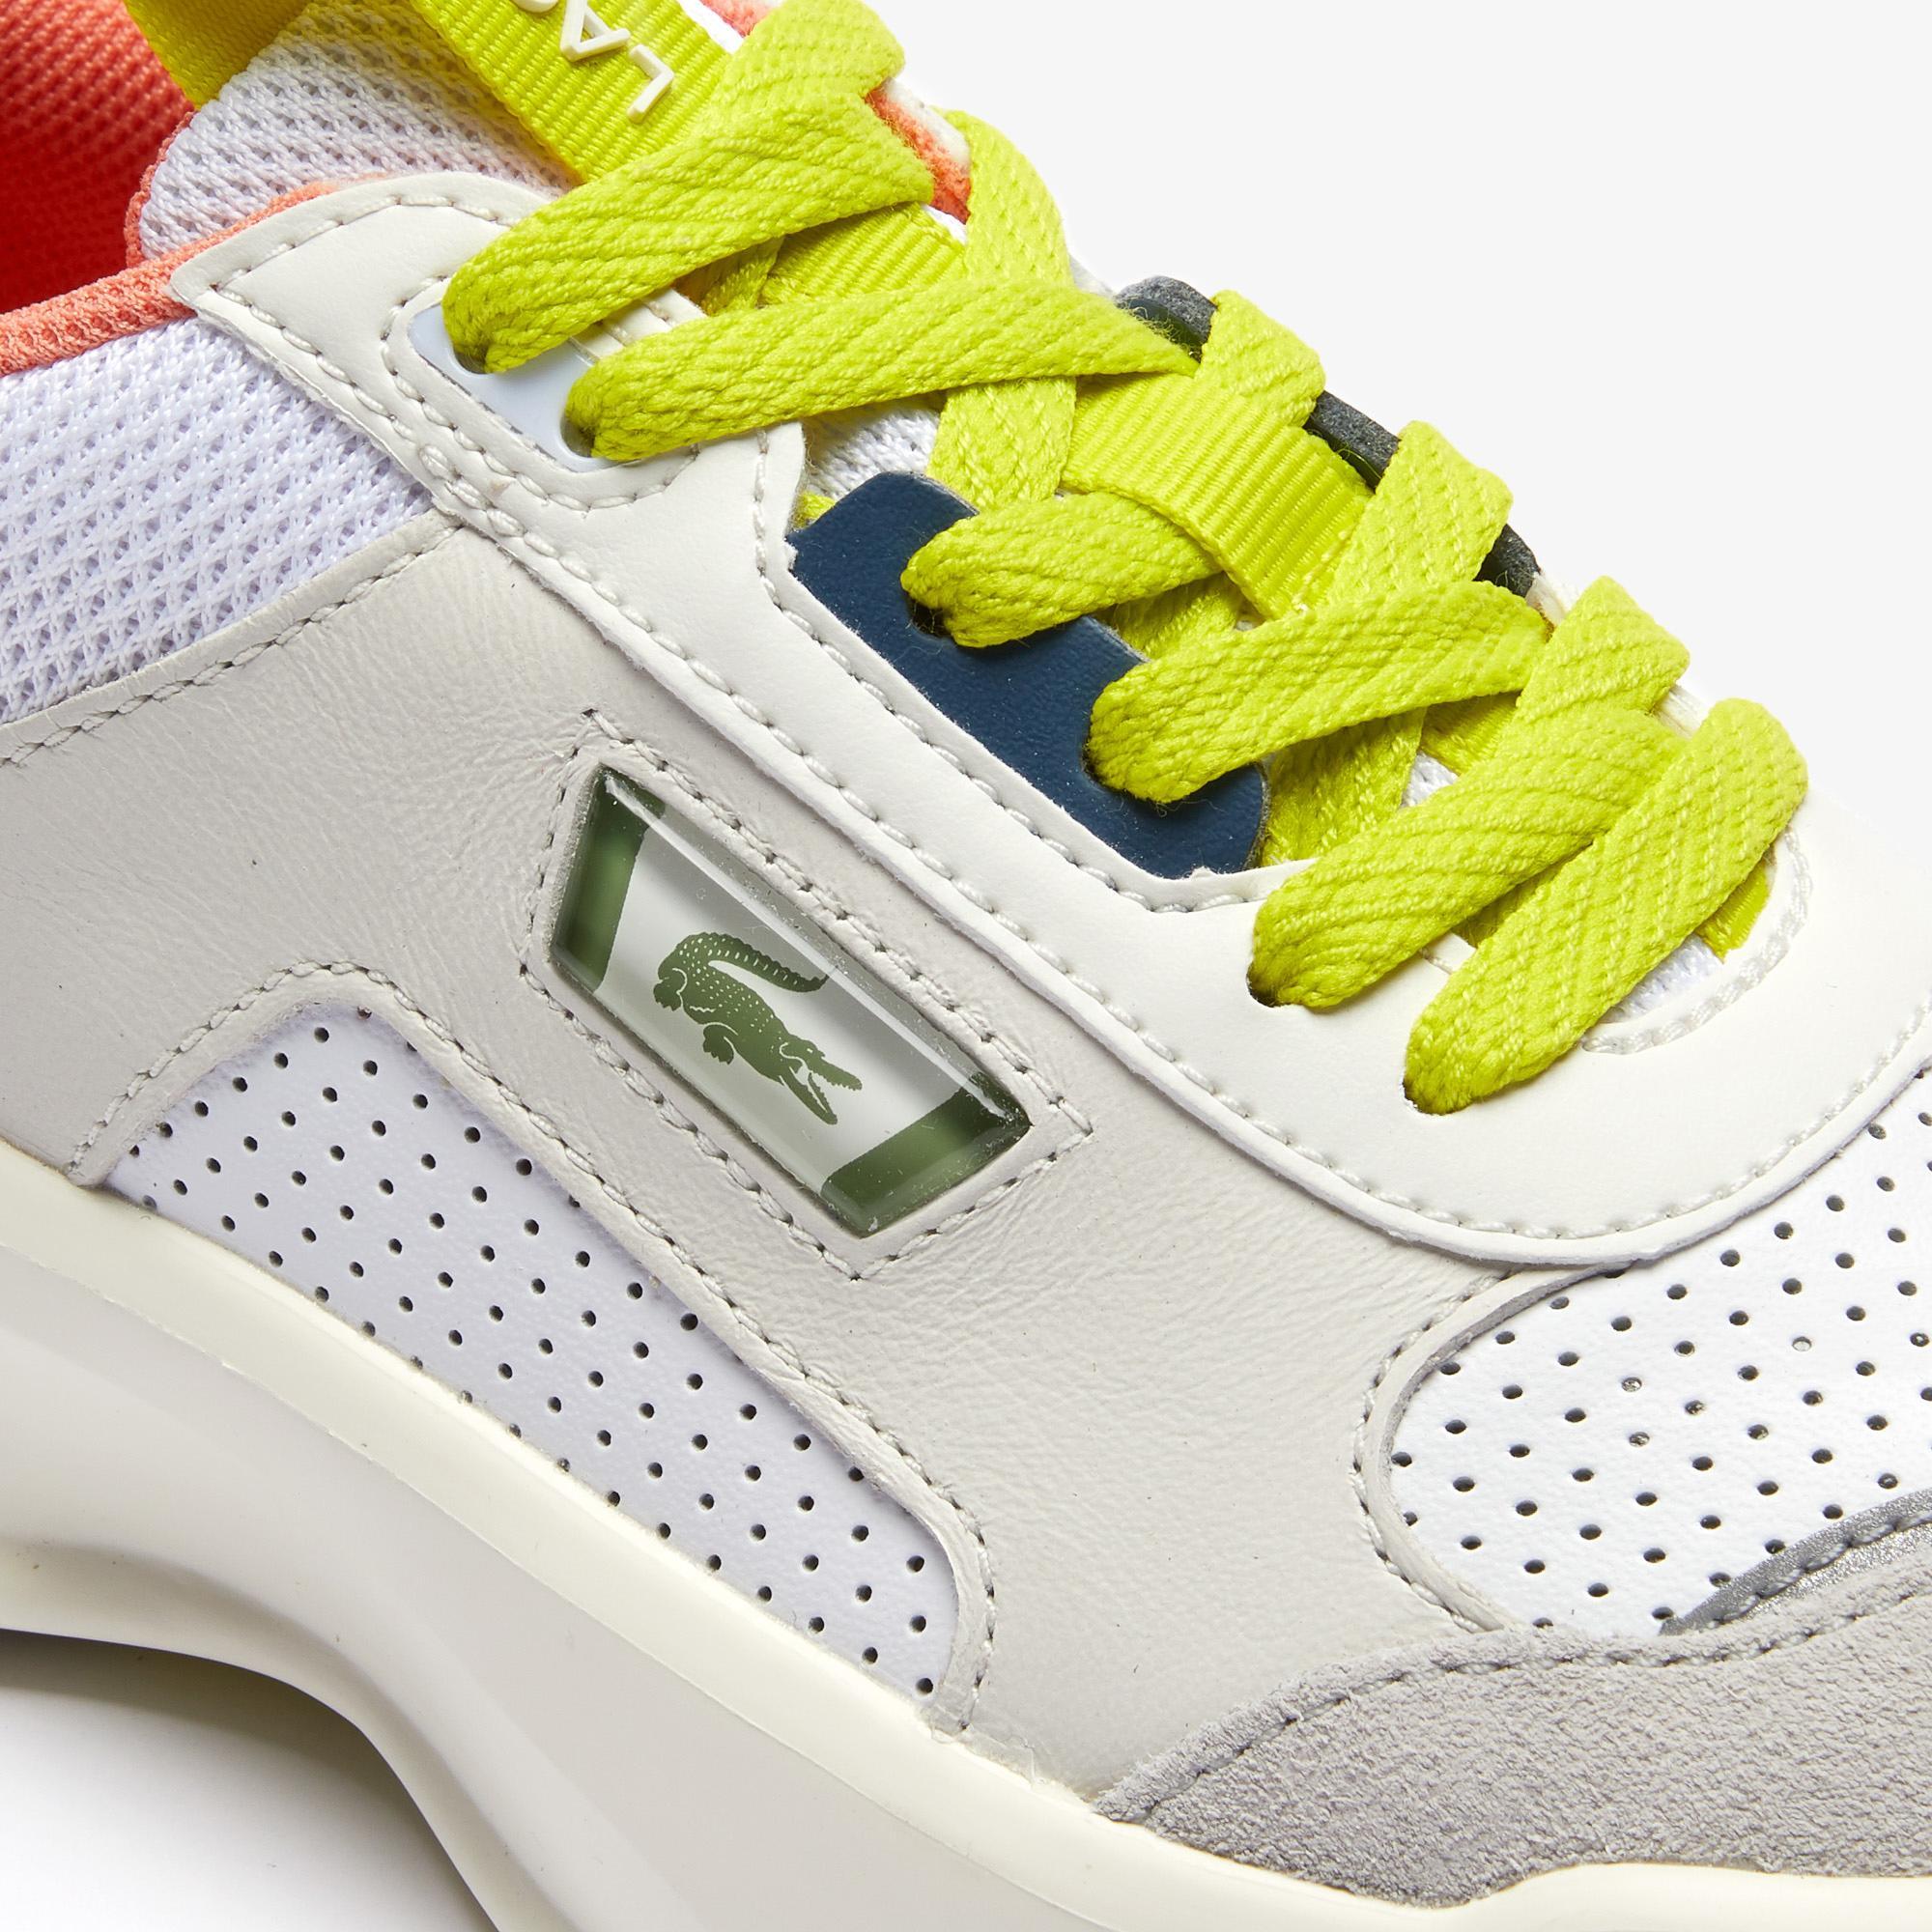 Lacoste Ace Lift 0120 2 Sfa Kadın Deri Beyaz - Açık Gri Sneaker